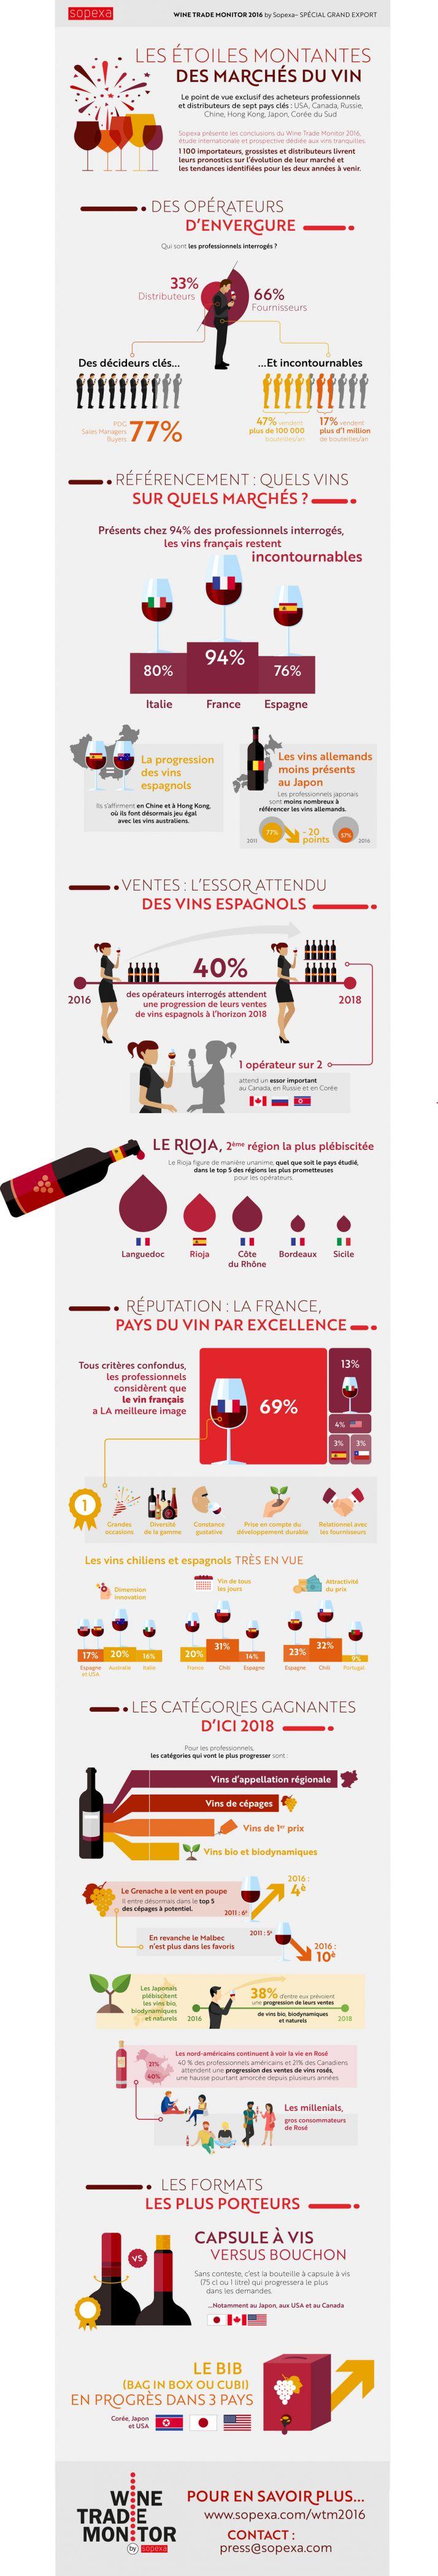 Sopexa présente les conclusions du Wine Trade Monitor 2016, étude internationale et prospective dédiée aux vins tranquilles. 1 100 importateurs, grossistes et distributeurs livrent leurs pronostics sur l'évolution de leur marché et les tendances identifiées pour les deux années à venir.